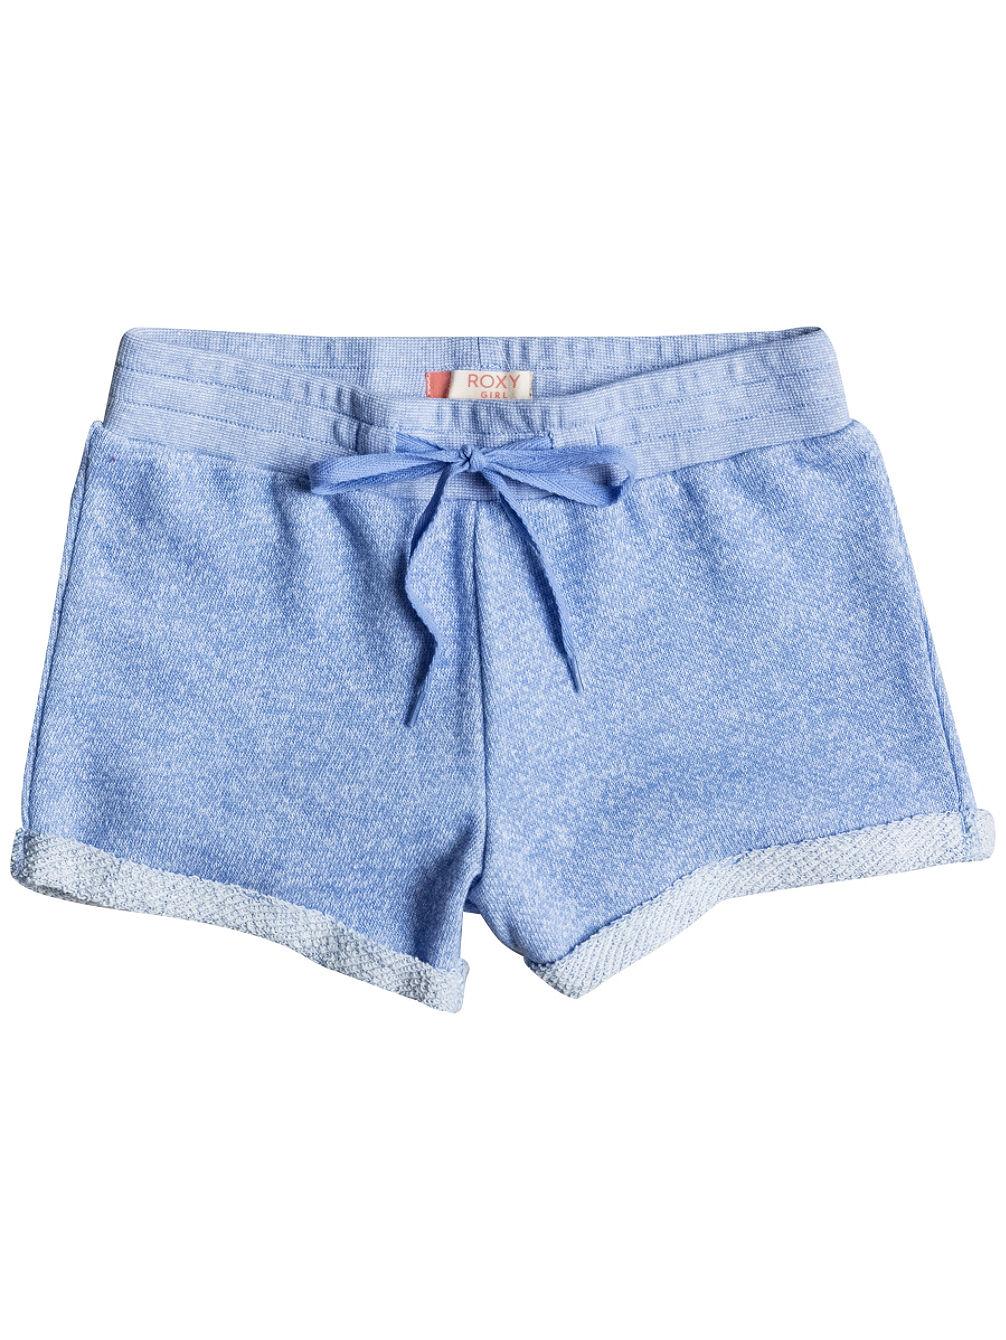 roxy-walking-dreams-shorts-girls